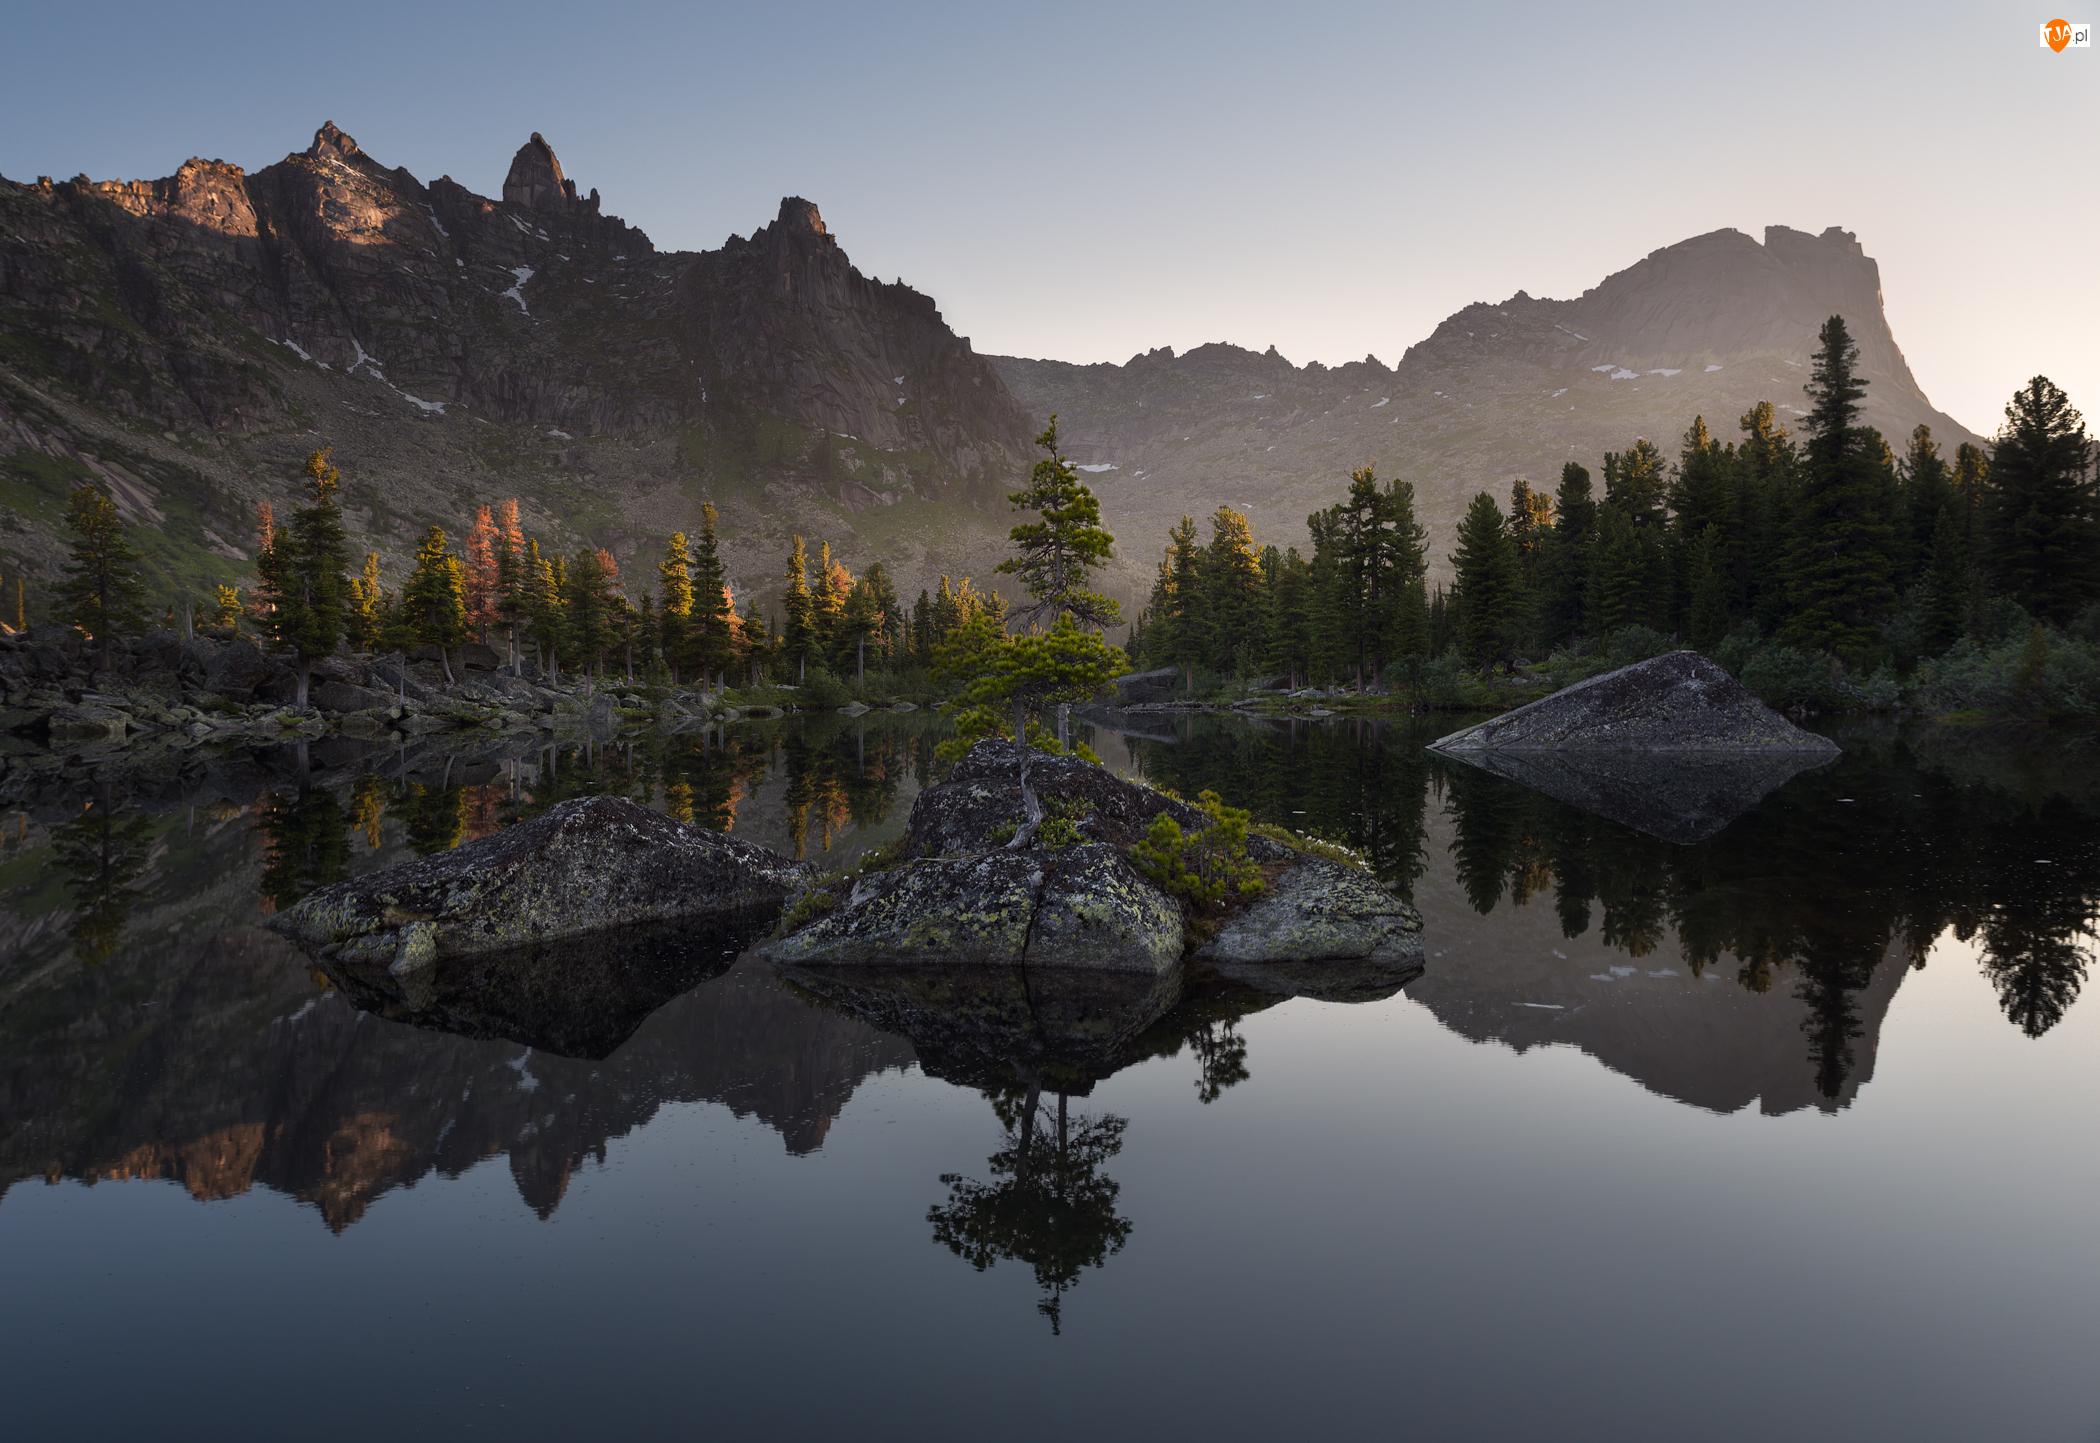 Jezioro, Góry, Drzewa, Odbicie, Skały, Świerki